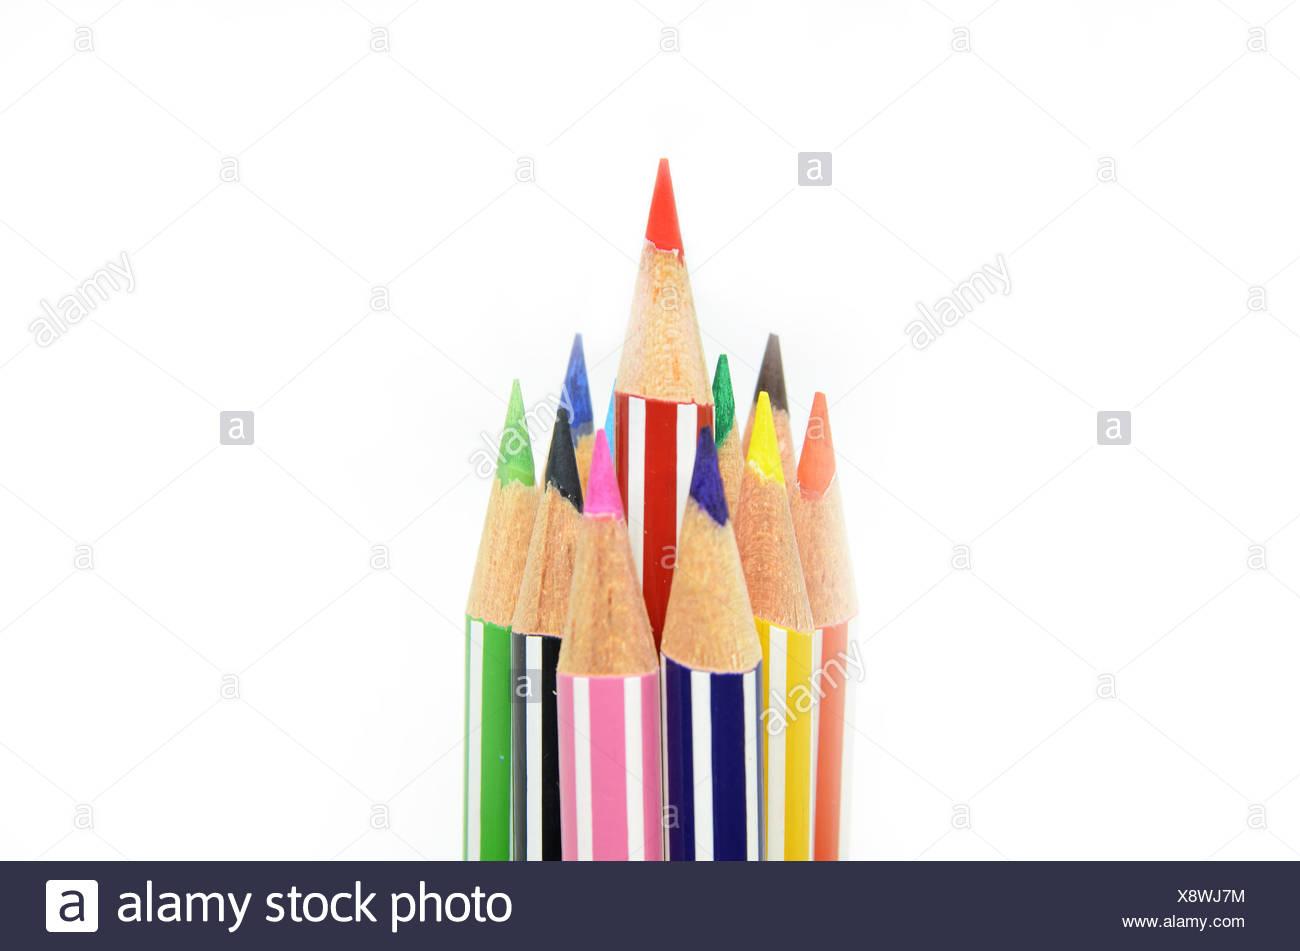 5ccfa1fdbe30 Rote Farbe Bleistift heraus Ständigen Stockfoto, Bild: 280846264 - Alamy